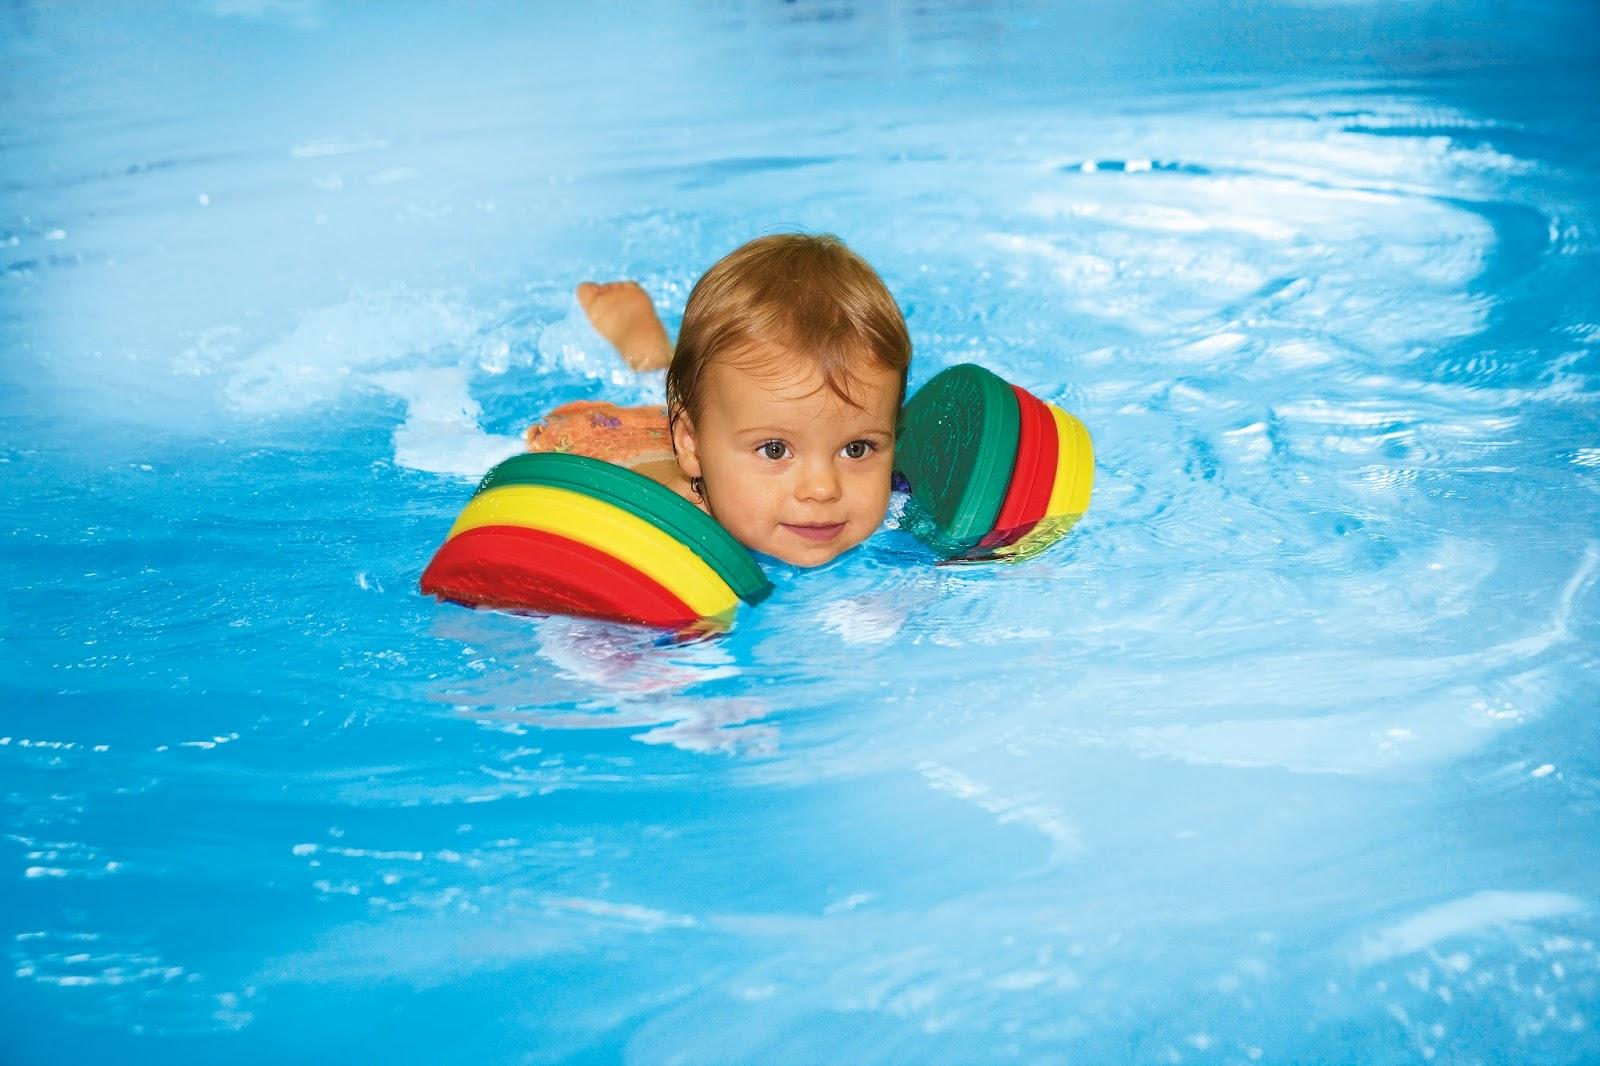 Un caj n cualquiera discos de nado delphin cabeza a for En la piscina